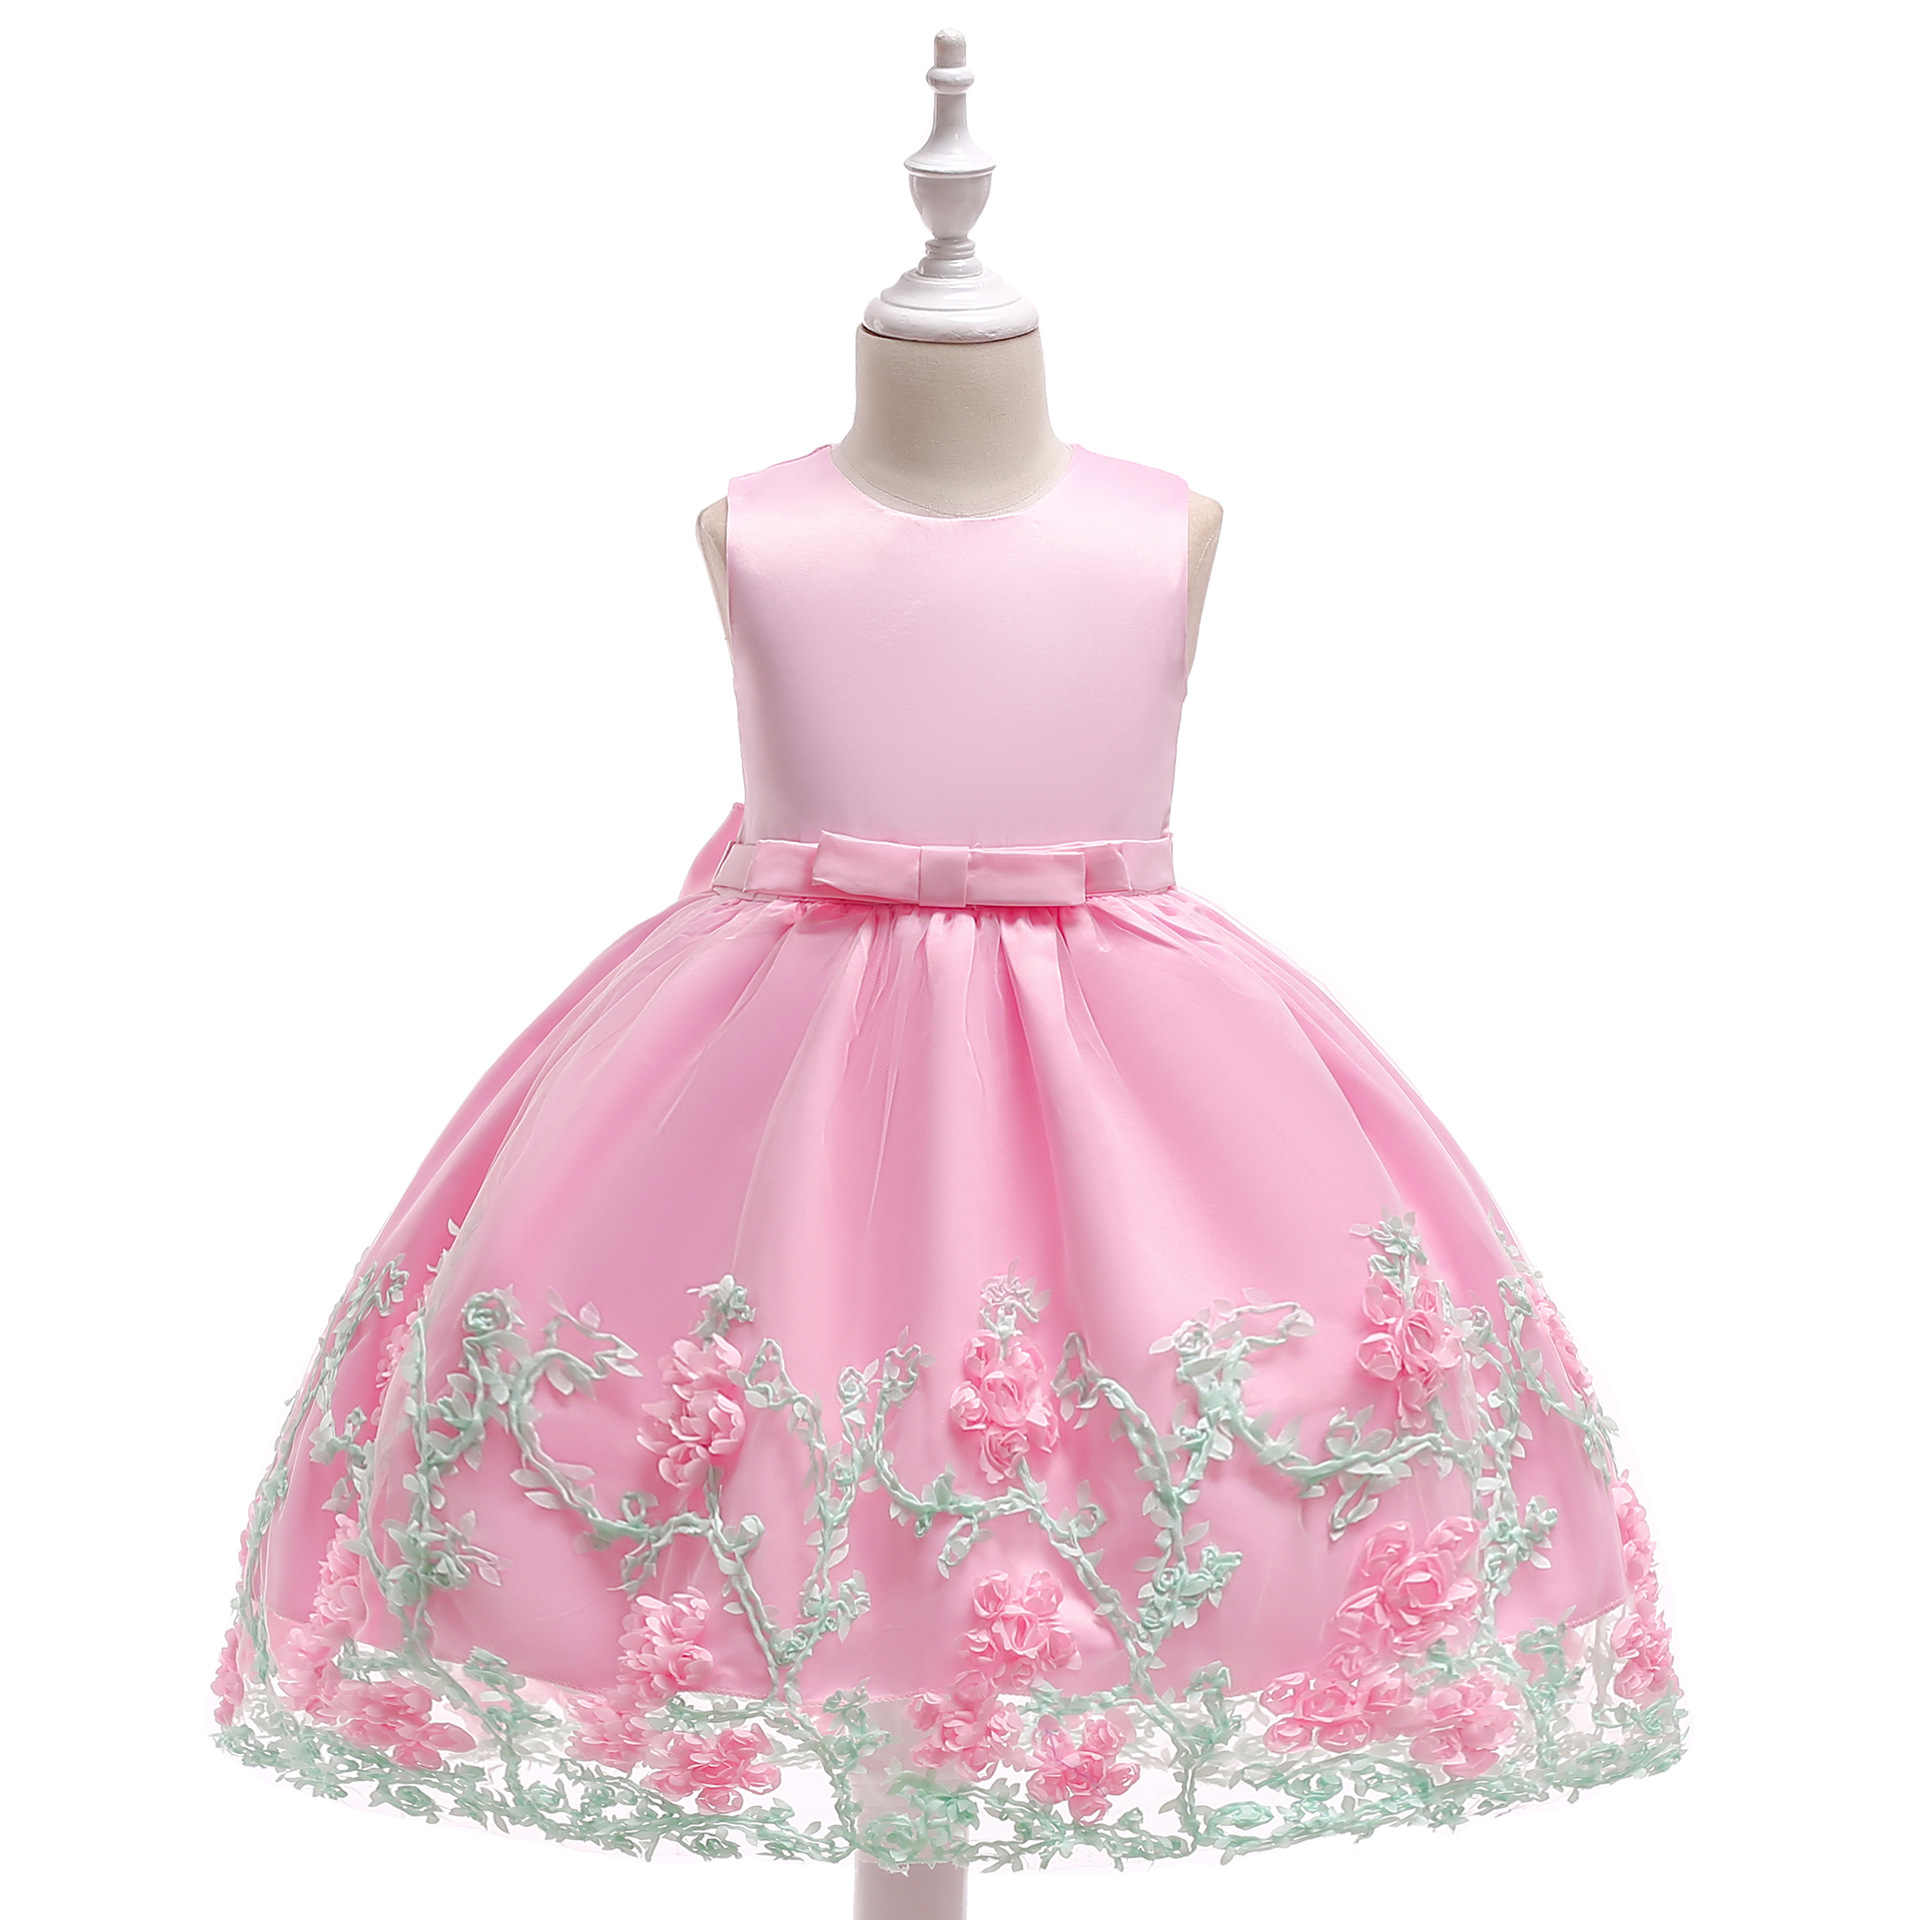 גבוהה באיכות נסיכת פרח ילדה שמלת קיץ טוטו חתונה מסיבת יום הולדת ילדים שמלות ילדים תלבושות נער לנשף עיצובים